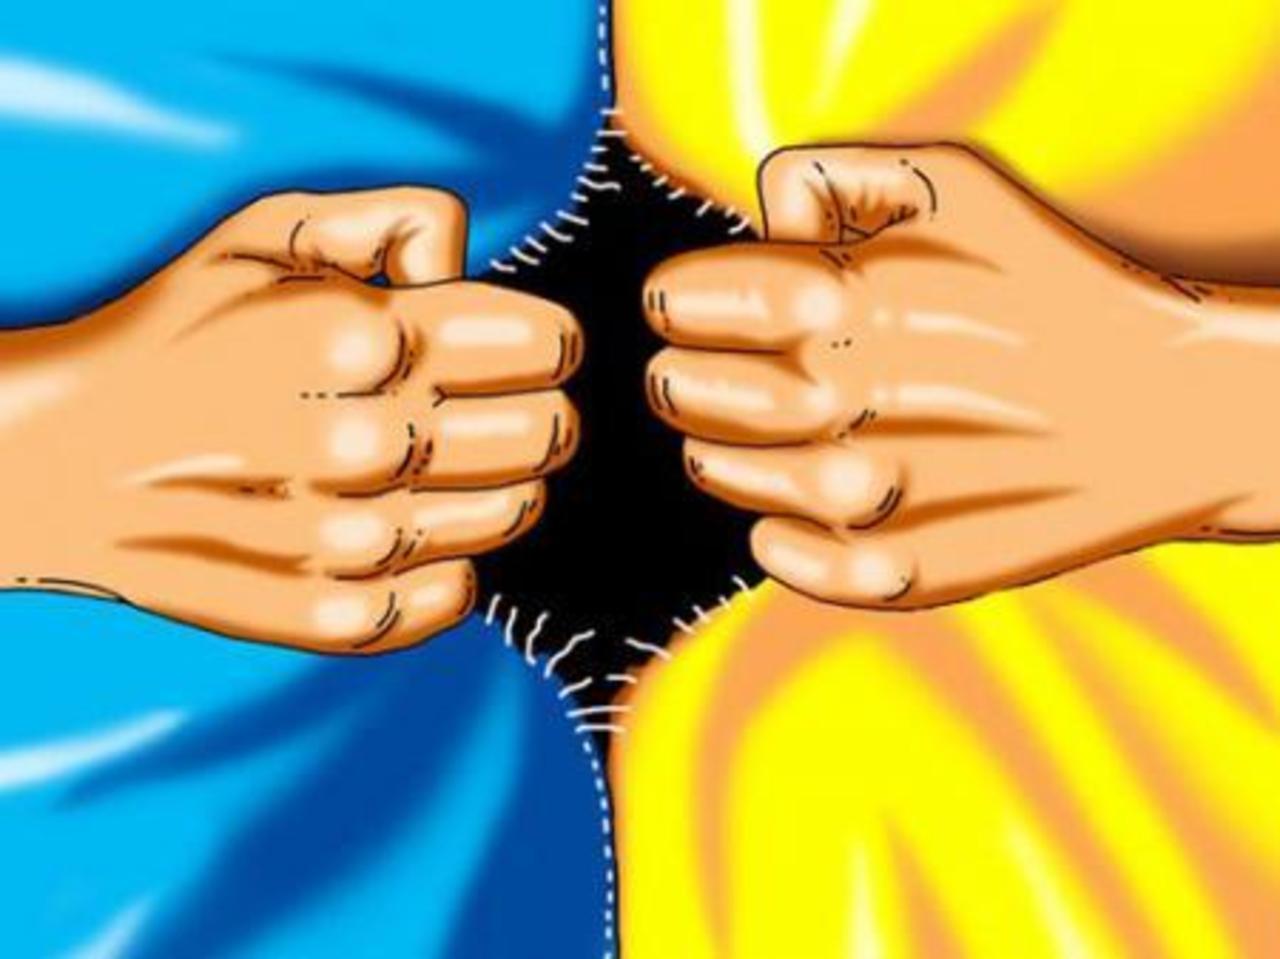 Вторая серия украинского «сериала»: пещерный национализм набирает обороты